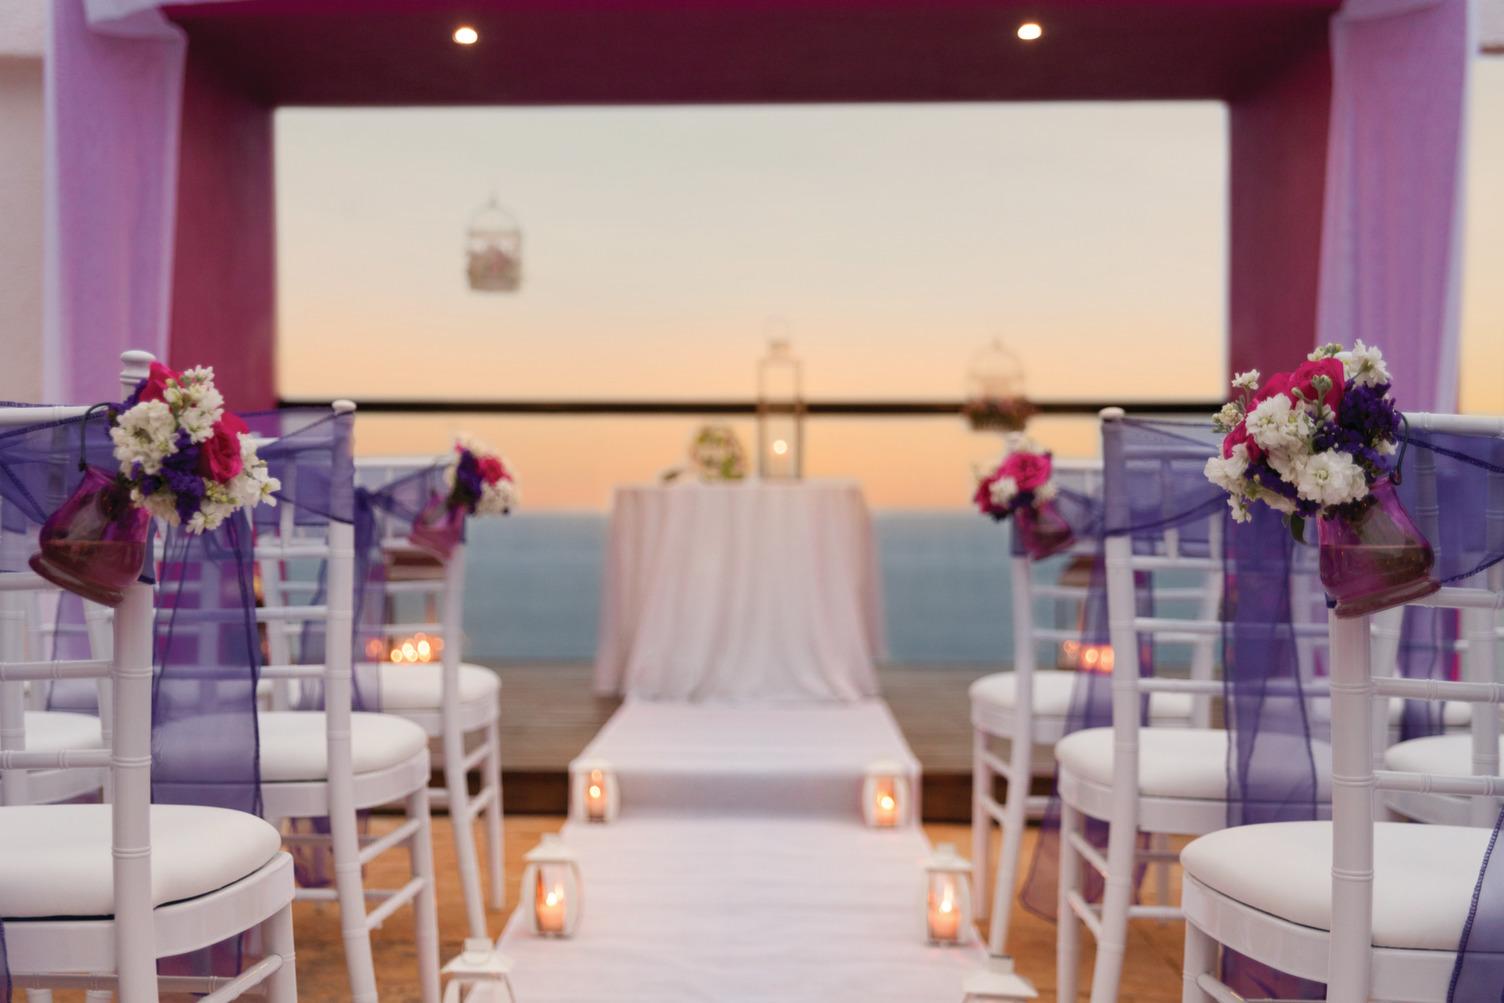 Hyatt-Ziva-Puerto-Vallarta-Sky-Deck-Wedding-Purple-Detailed.jpg